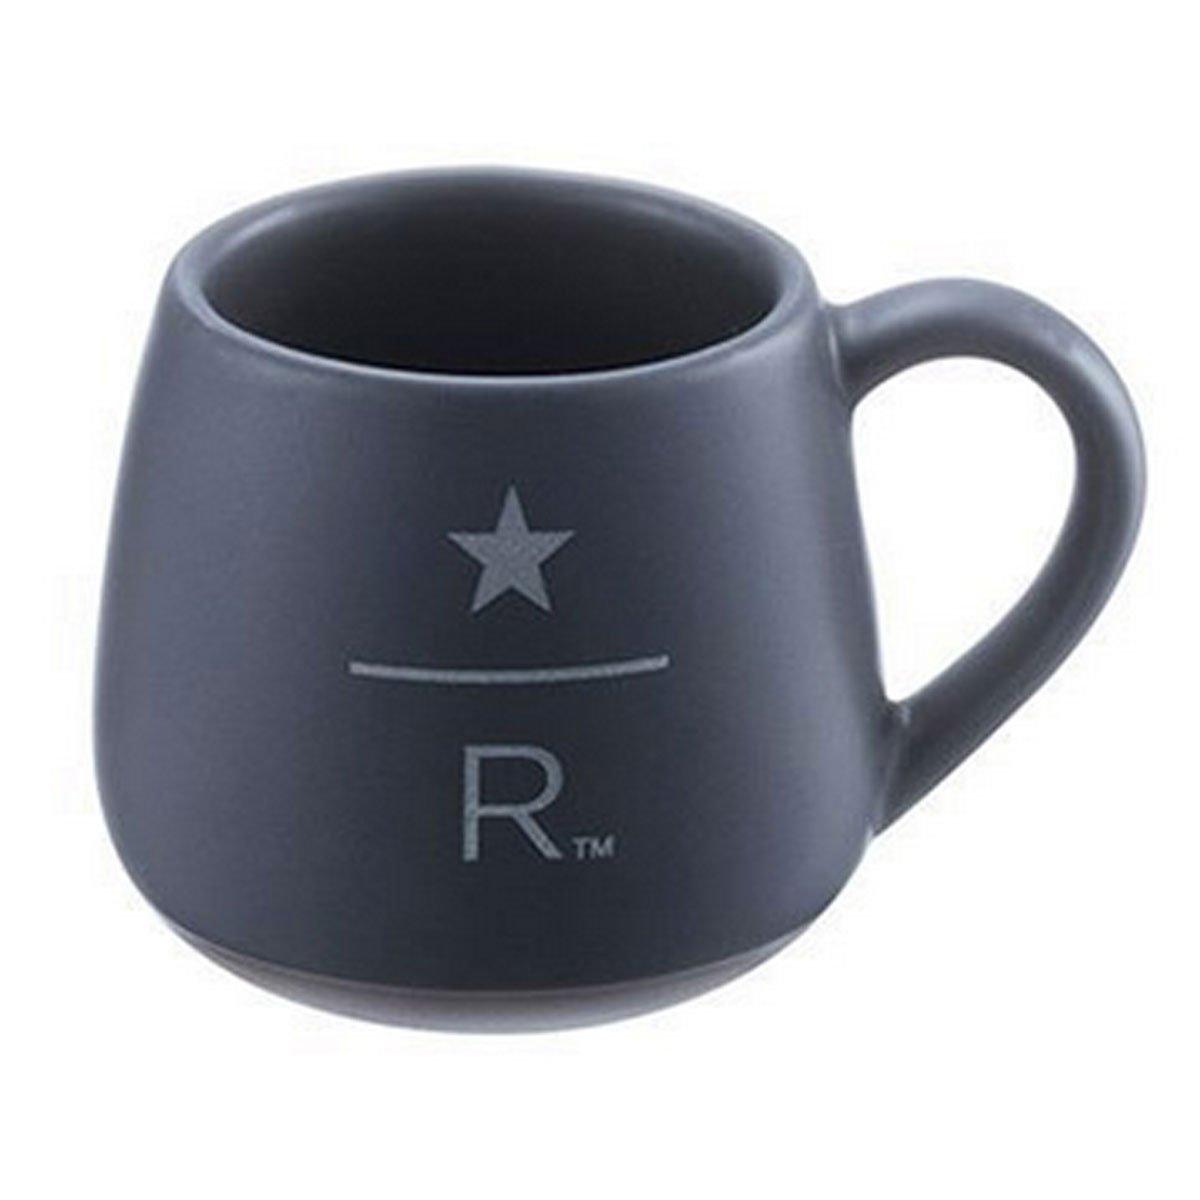 STARBUCKS スターバックス スタバ マグカップ エスプレッソ デミタスカップ ロゴ [並行輸入品]